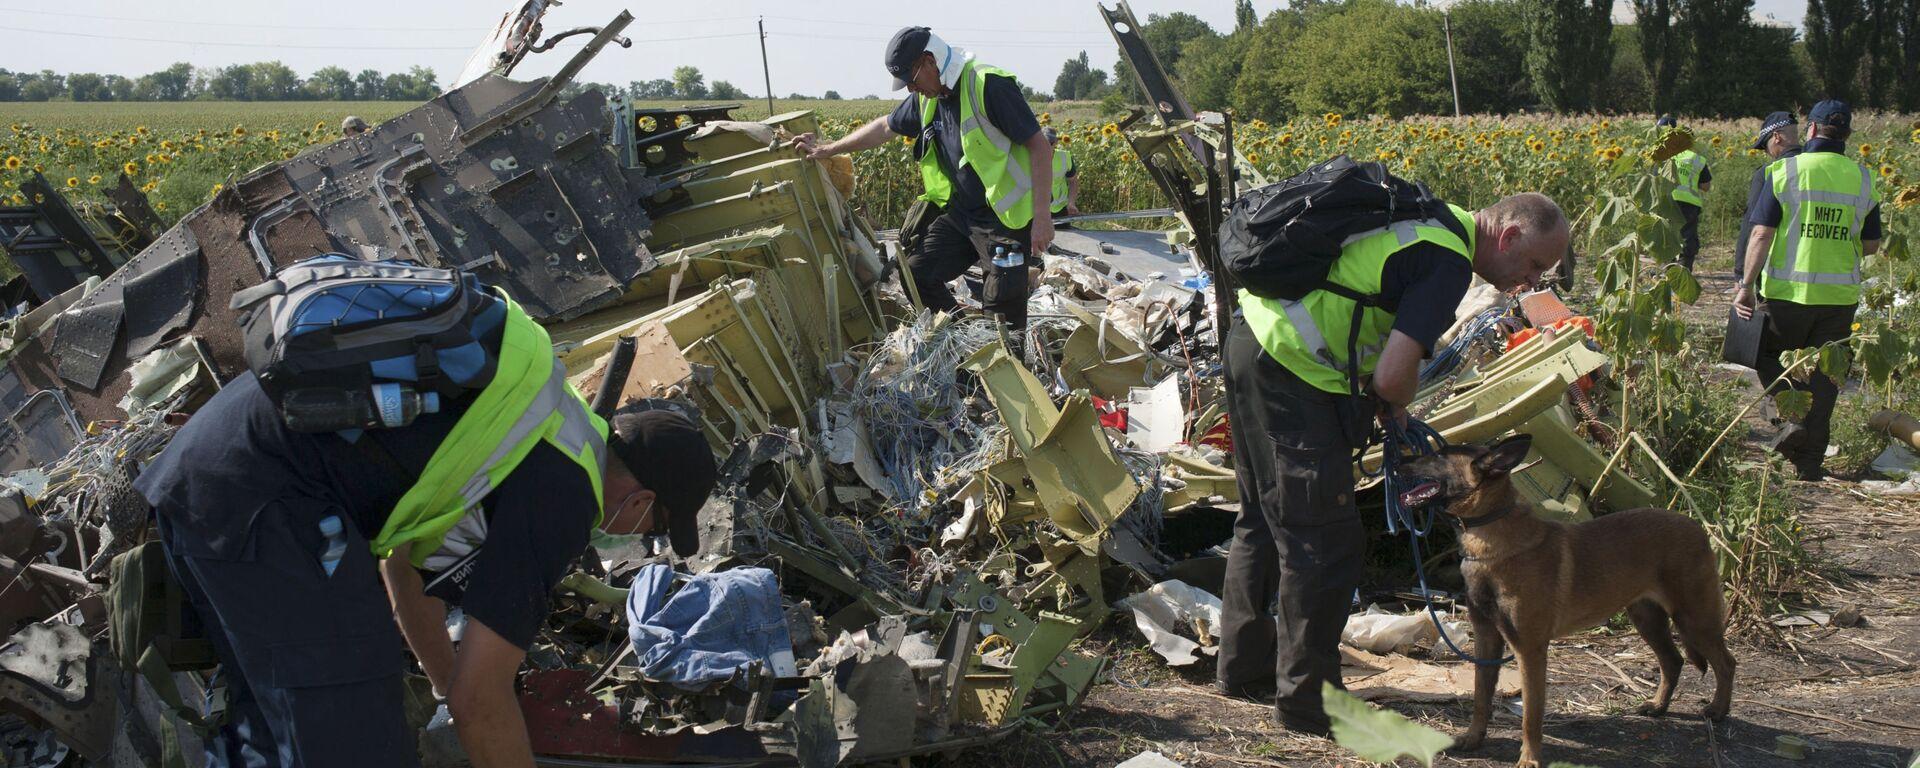 Międzynarodowi eksperci z misji poszukiwawczej na miejscu katastrofy malezyjskiego Boeinga 777 w obwodzie donieckim - Sputnik Polska, 1920, 22.07.2021